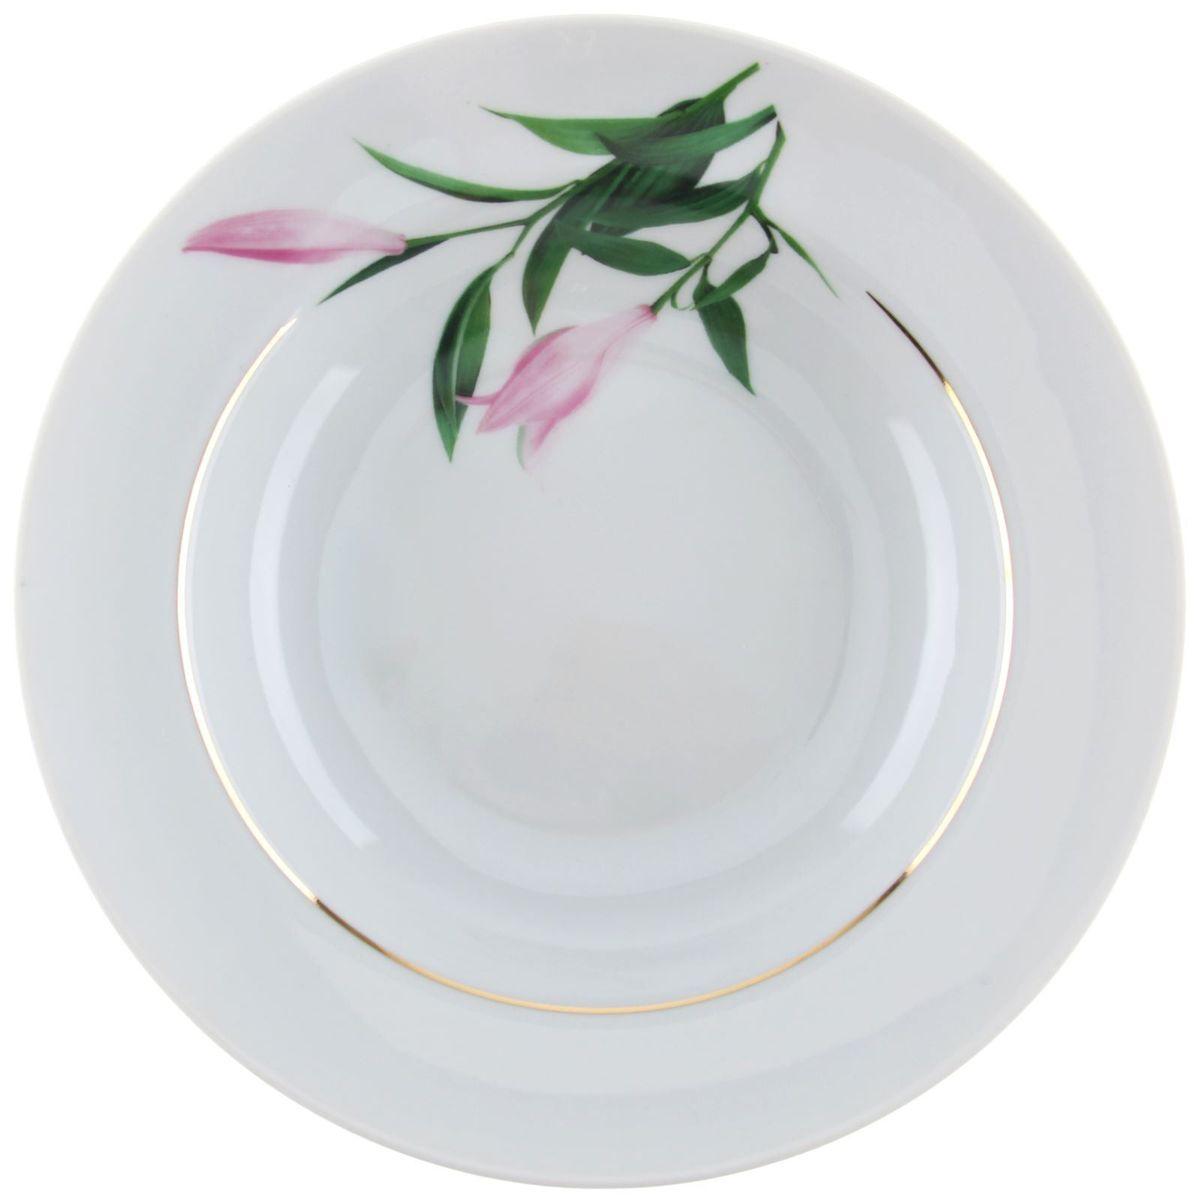 Тарелка глубокая Идиллия. Бутон, диаметр 24 см1303785Глубокая тарелка Идиллия. Бутон выполнена из высококачественного фарфора и оформленацветочным рисунком. Изделие сочетает в себе изысканный дизайн смаксимальной функциональностью. Тарелка прекрасно впишется в интерьер вашей кухни и станет достойнымдополнением к кухонному инвентарю.Тарелка Идиллия. Бутон подчеркнет прекрасныйвкус хозяйки и станет отличным подарком.Диаметр: 24 см.